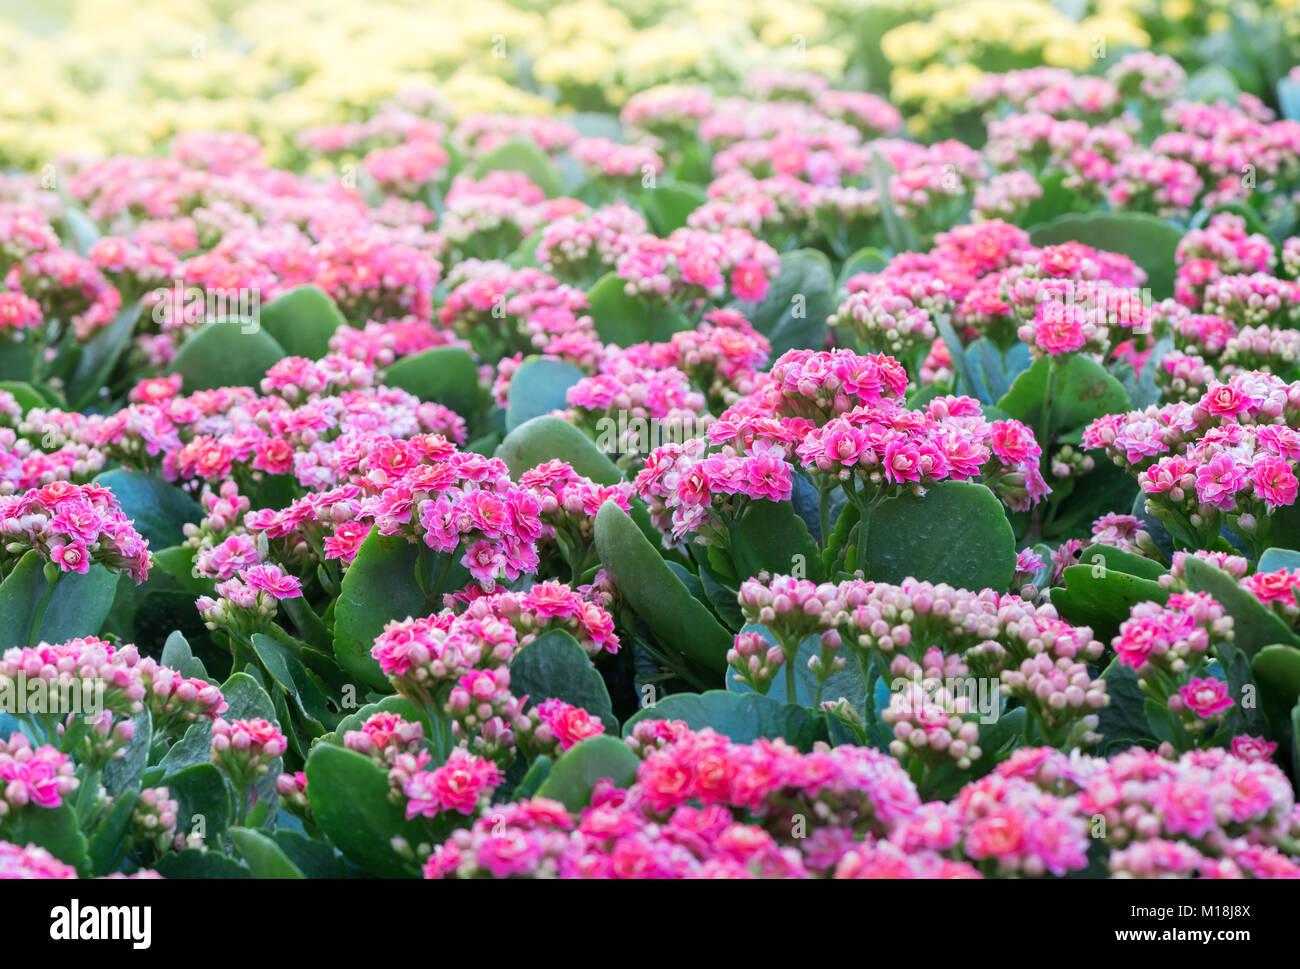 Beautiful pink kalanchoe or flaming katy flower in garden stock beautiful pink kalanchoe or flaming katy flower in garden izmirmasajfo